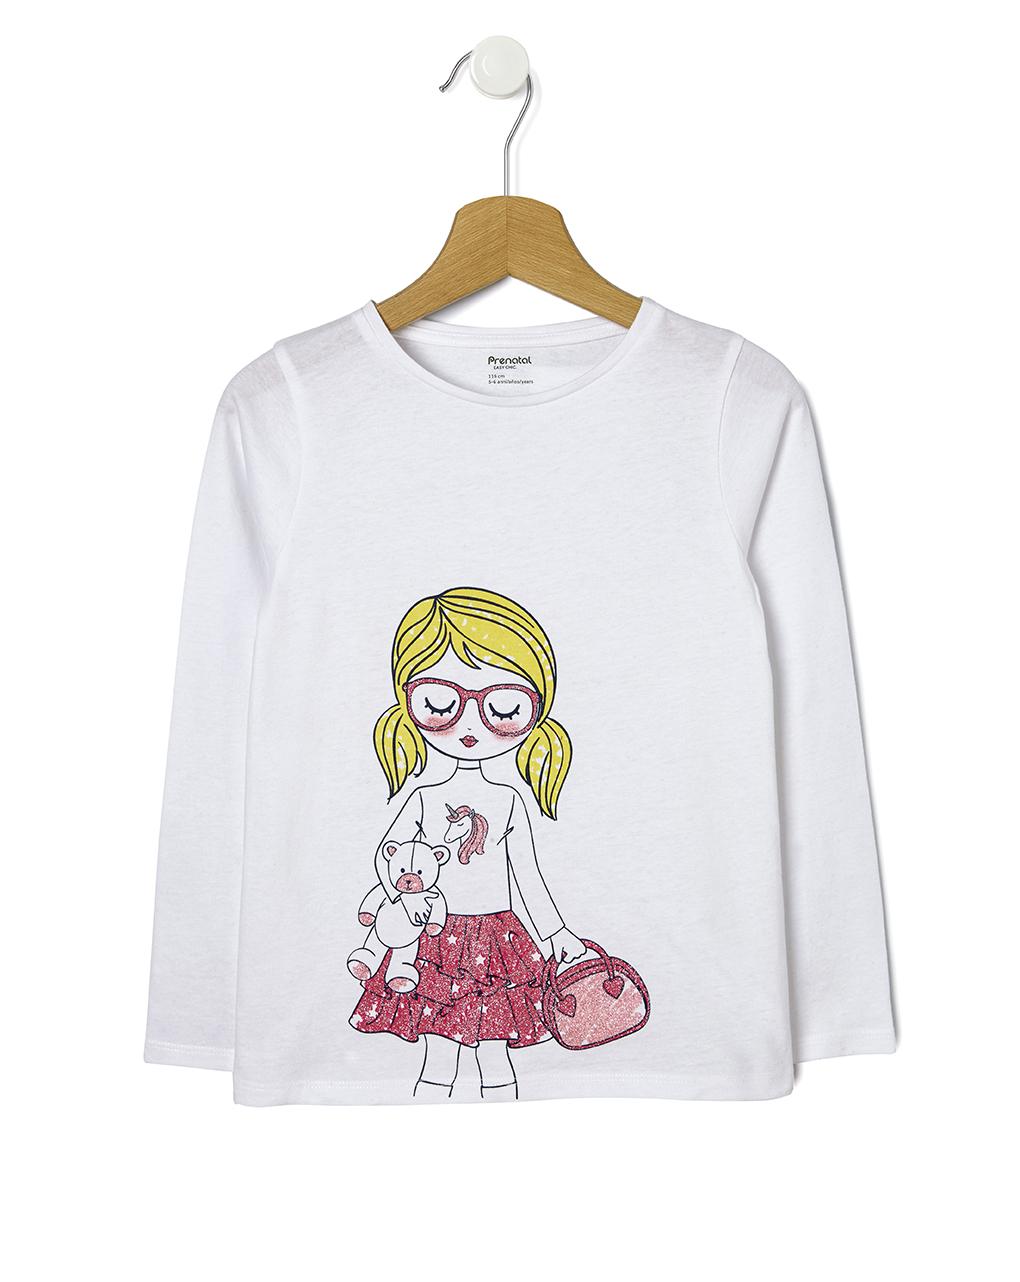 Μπλούζα Λευκή με Στάμπα για Κορίτσι